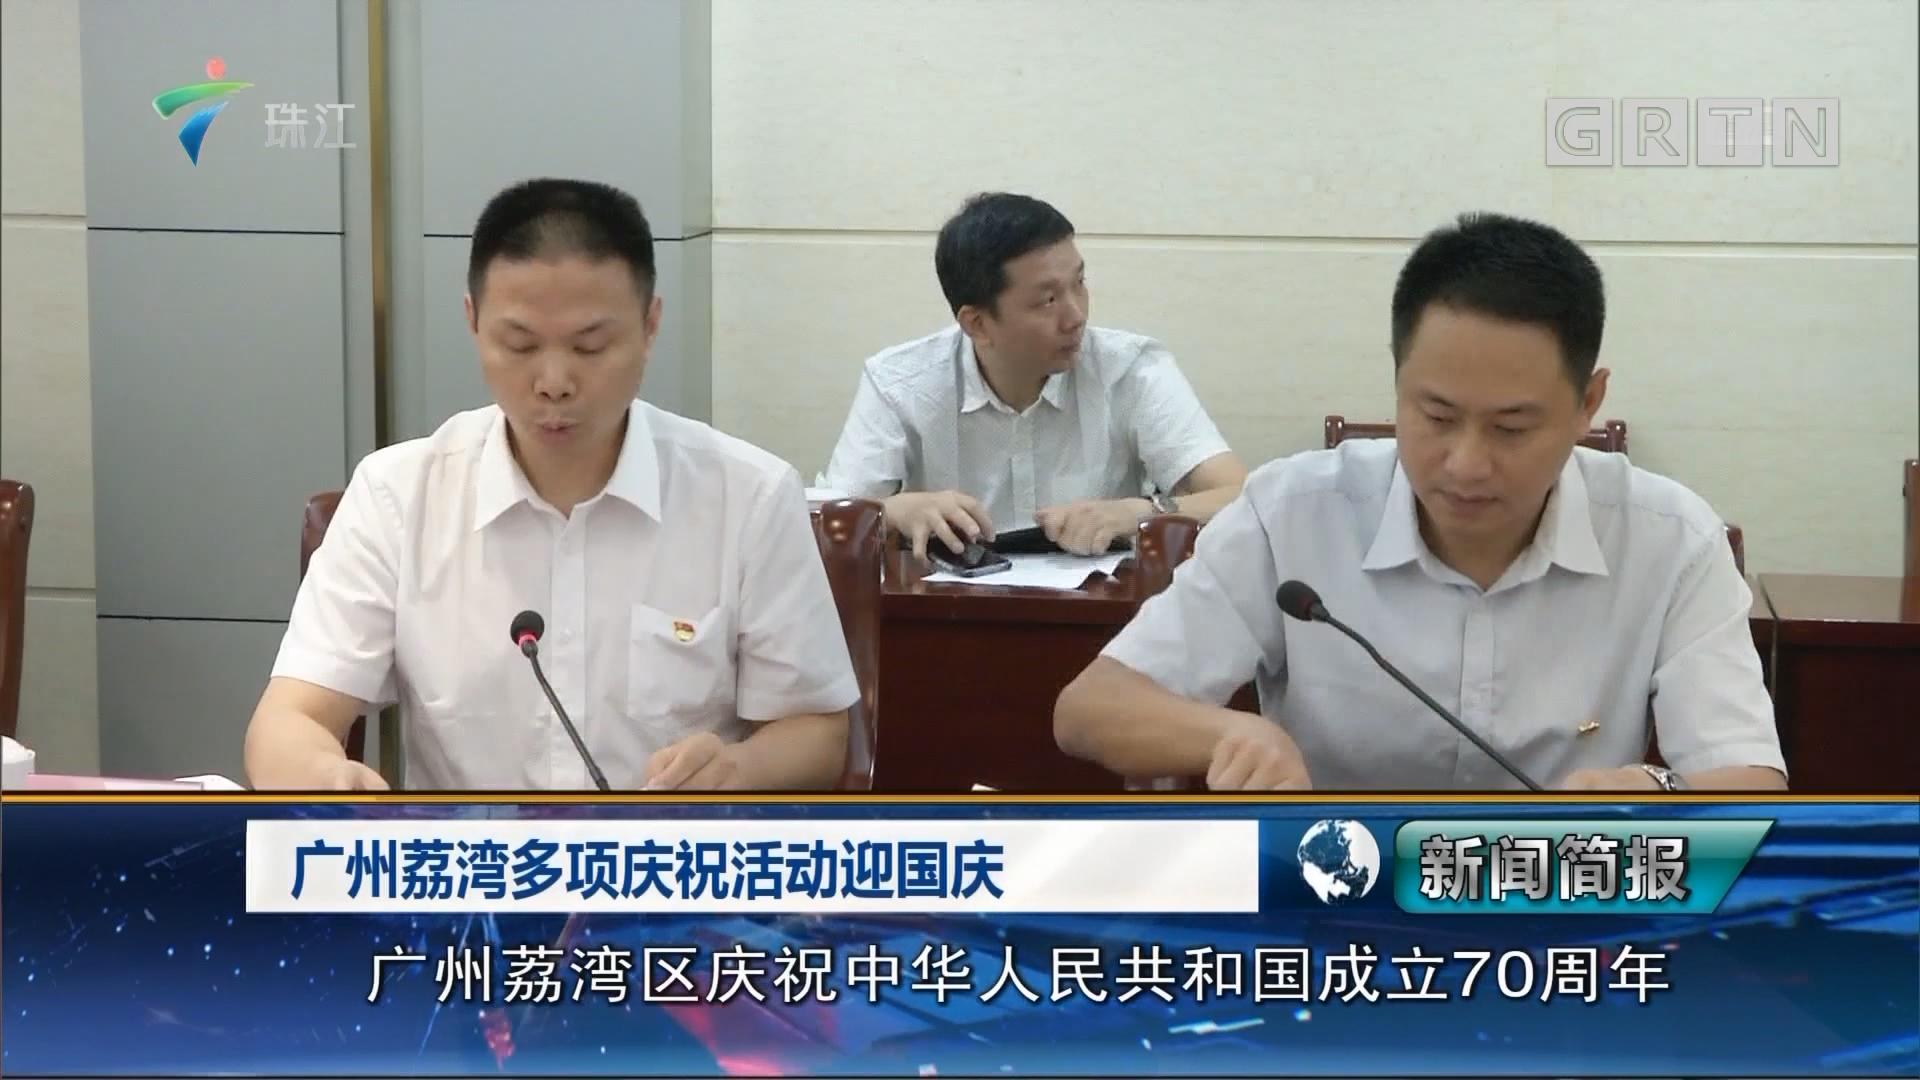 广州荔湾多项庆祝活动迎国庆